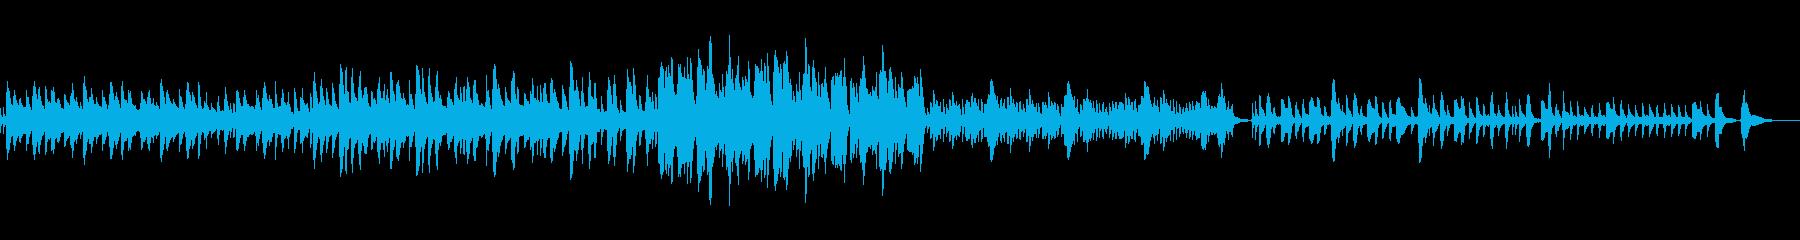 ハープの優しい音色の曲の再生済みの波形